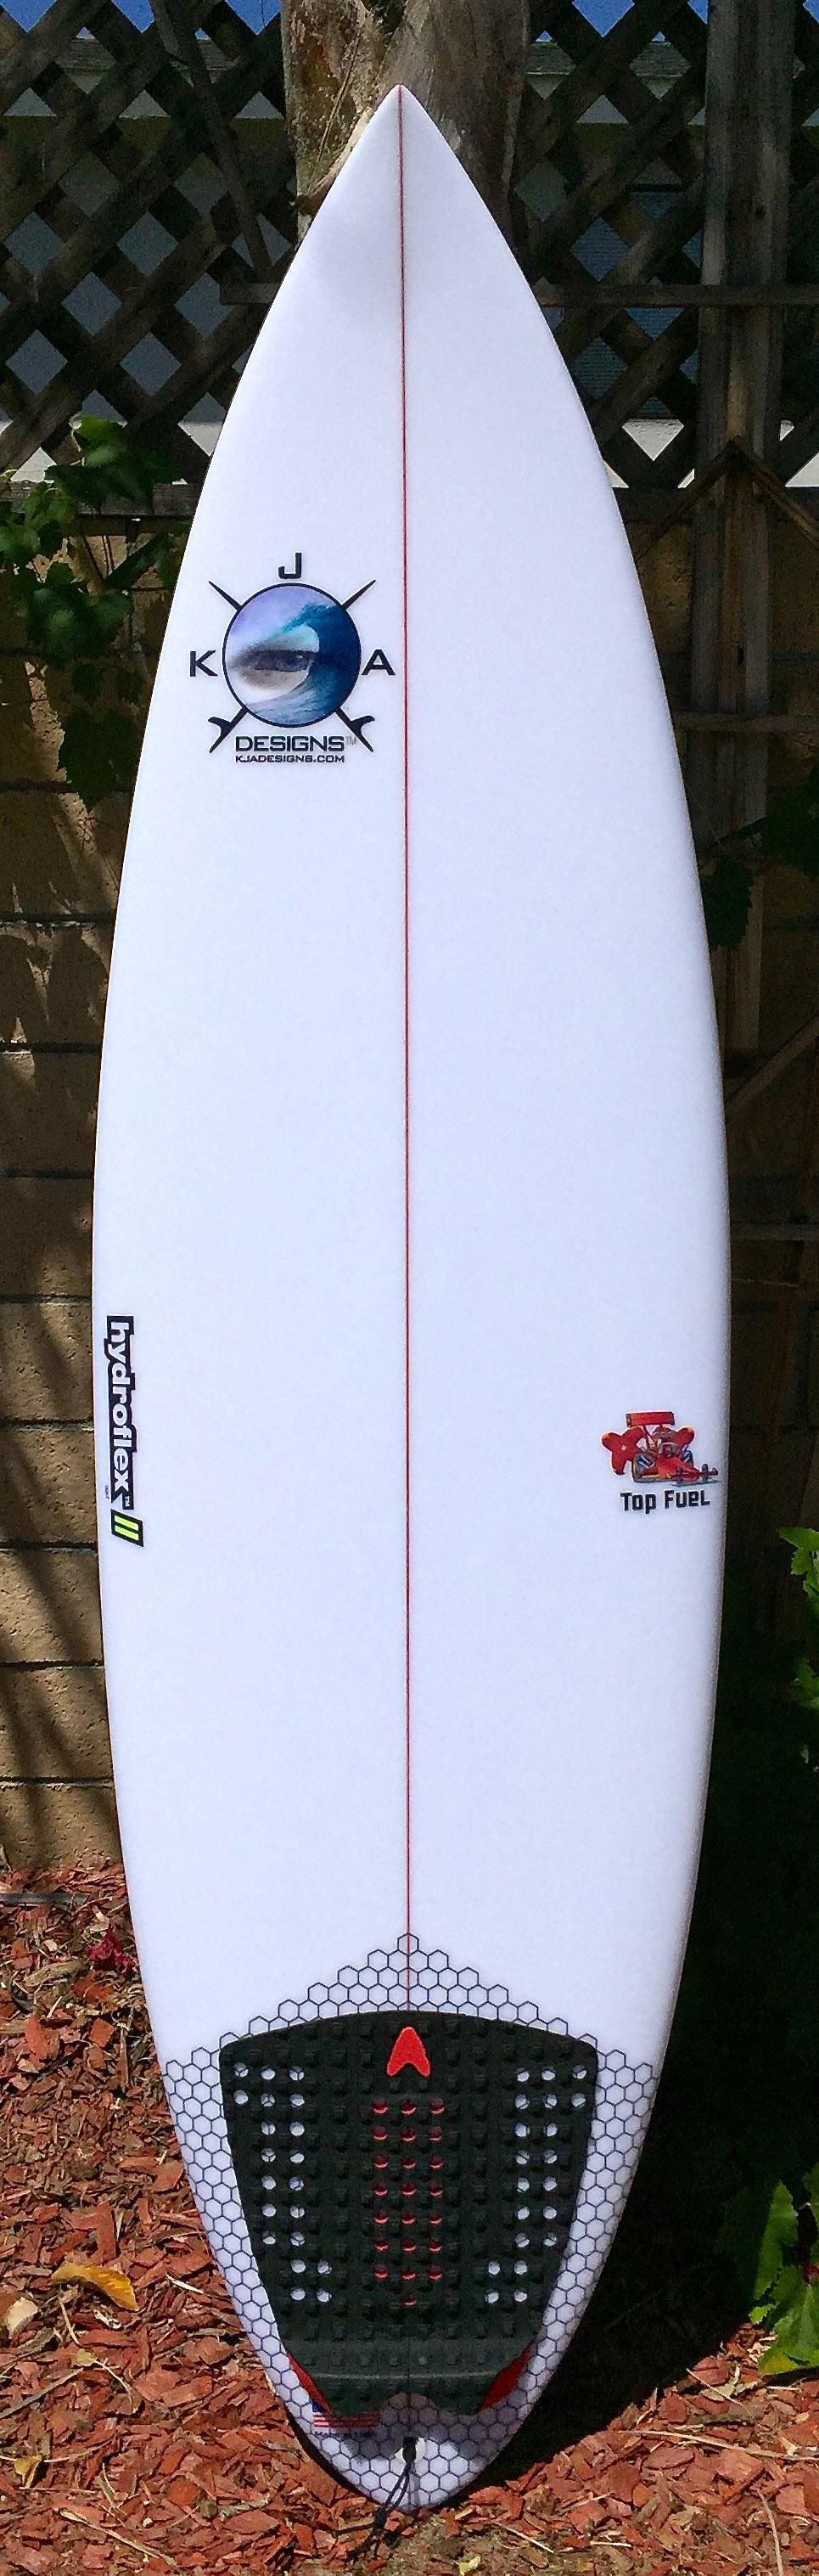 Top Fuel deck